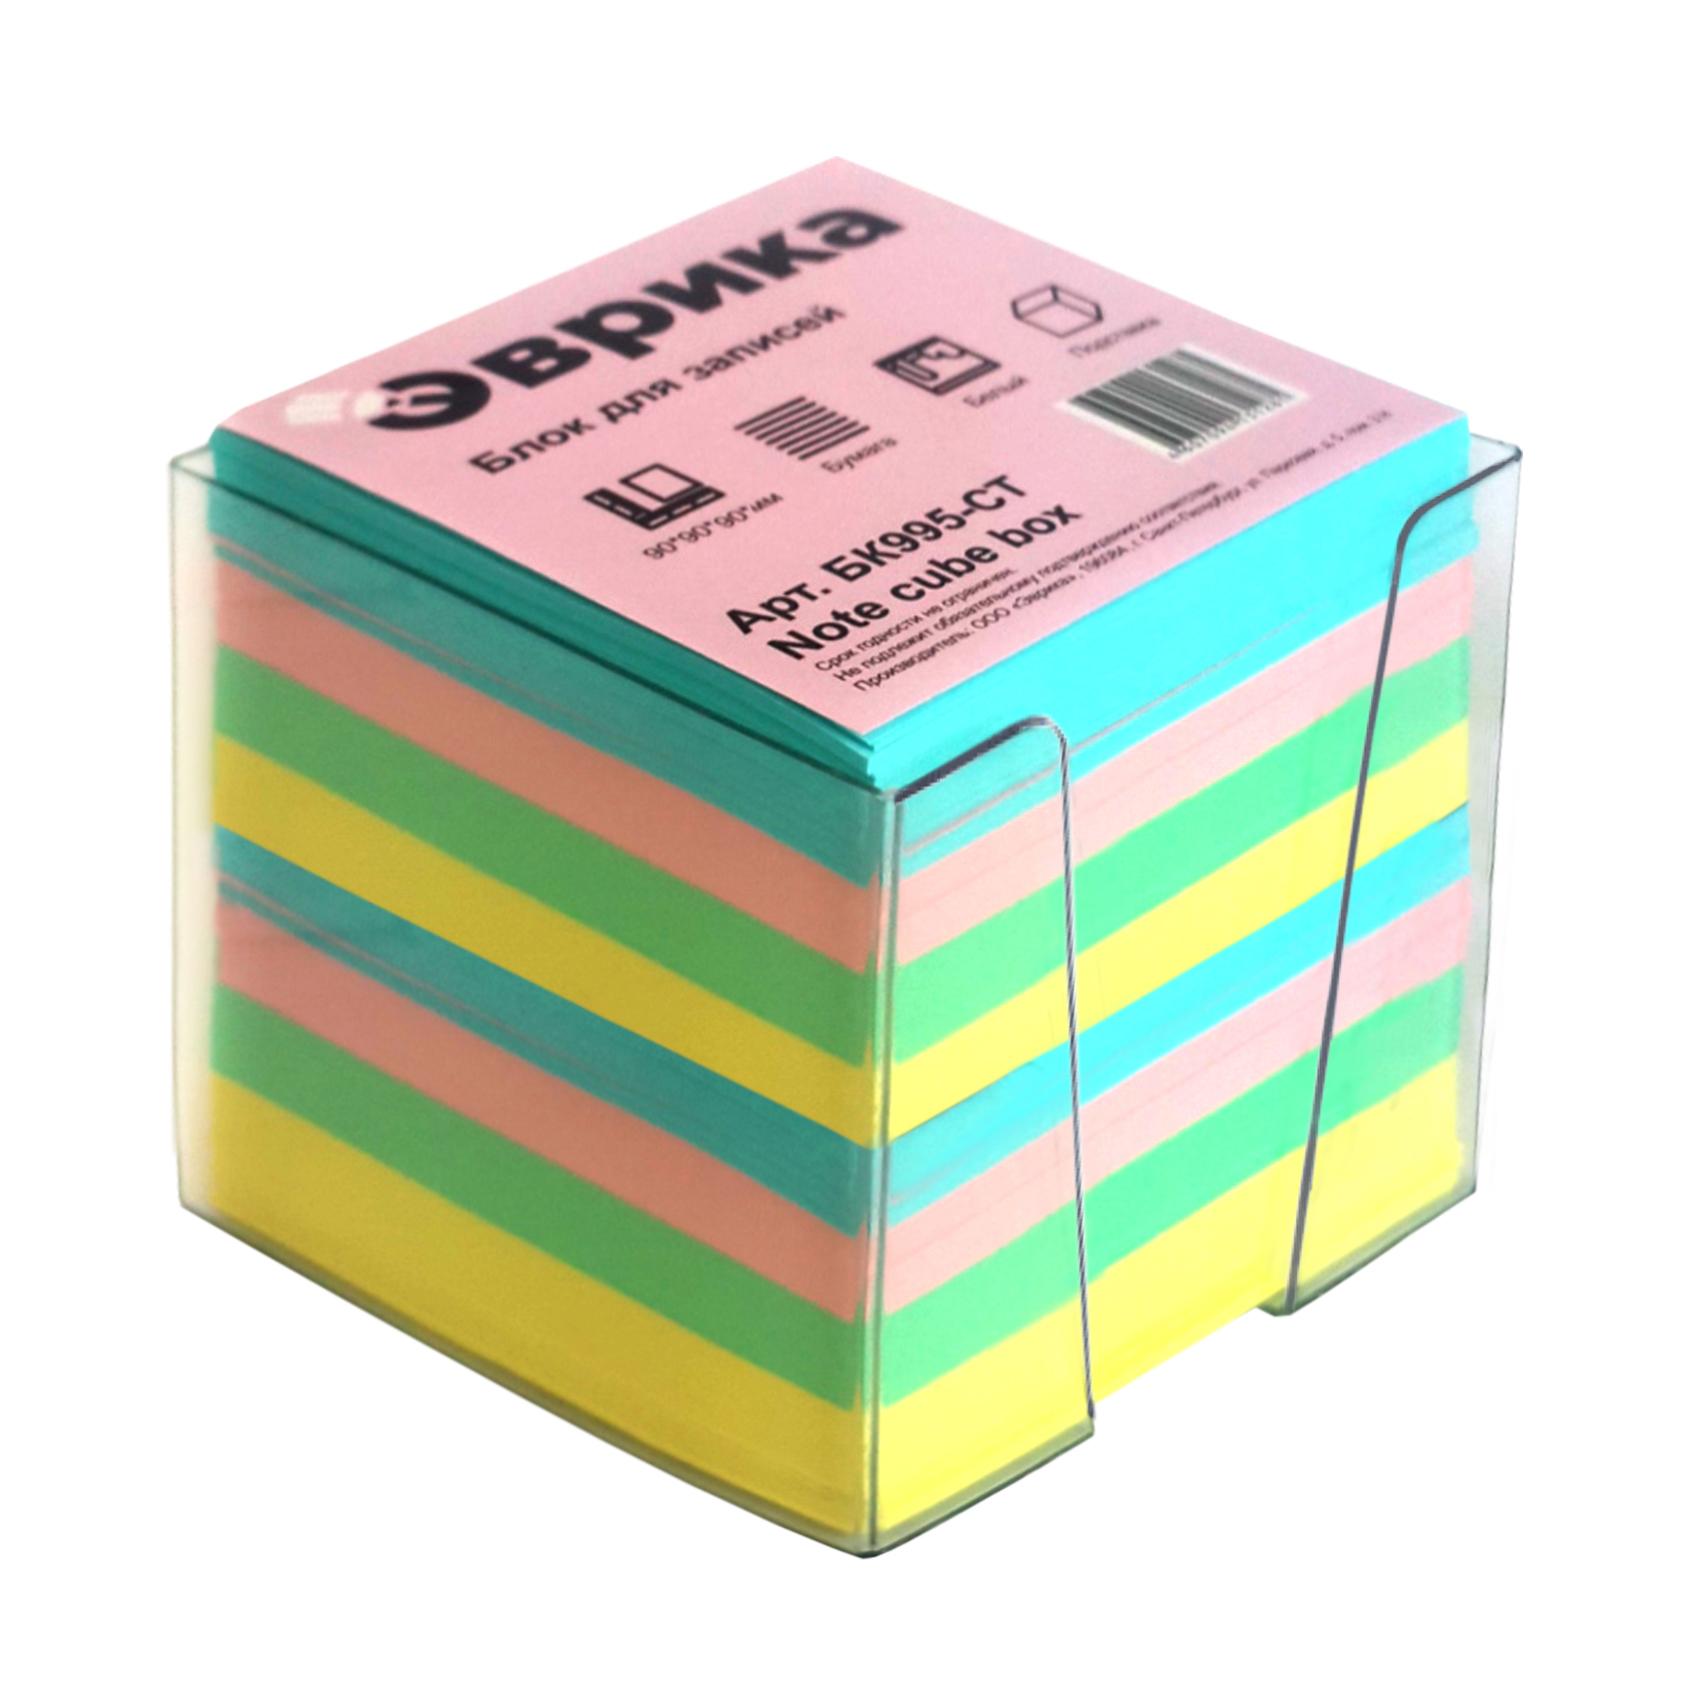 Блок бумаги для записей фото Блоки для записей - отзывы, цены, купить блоки для